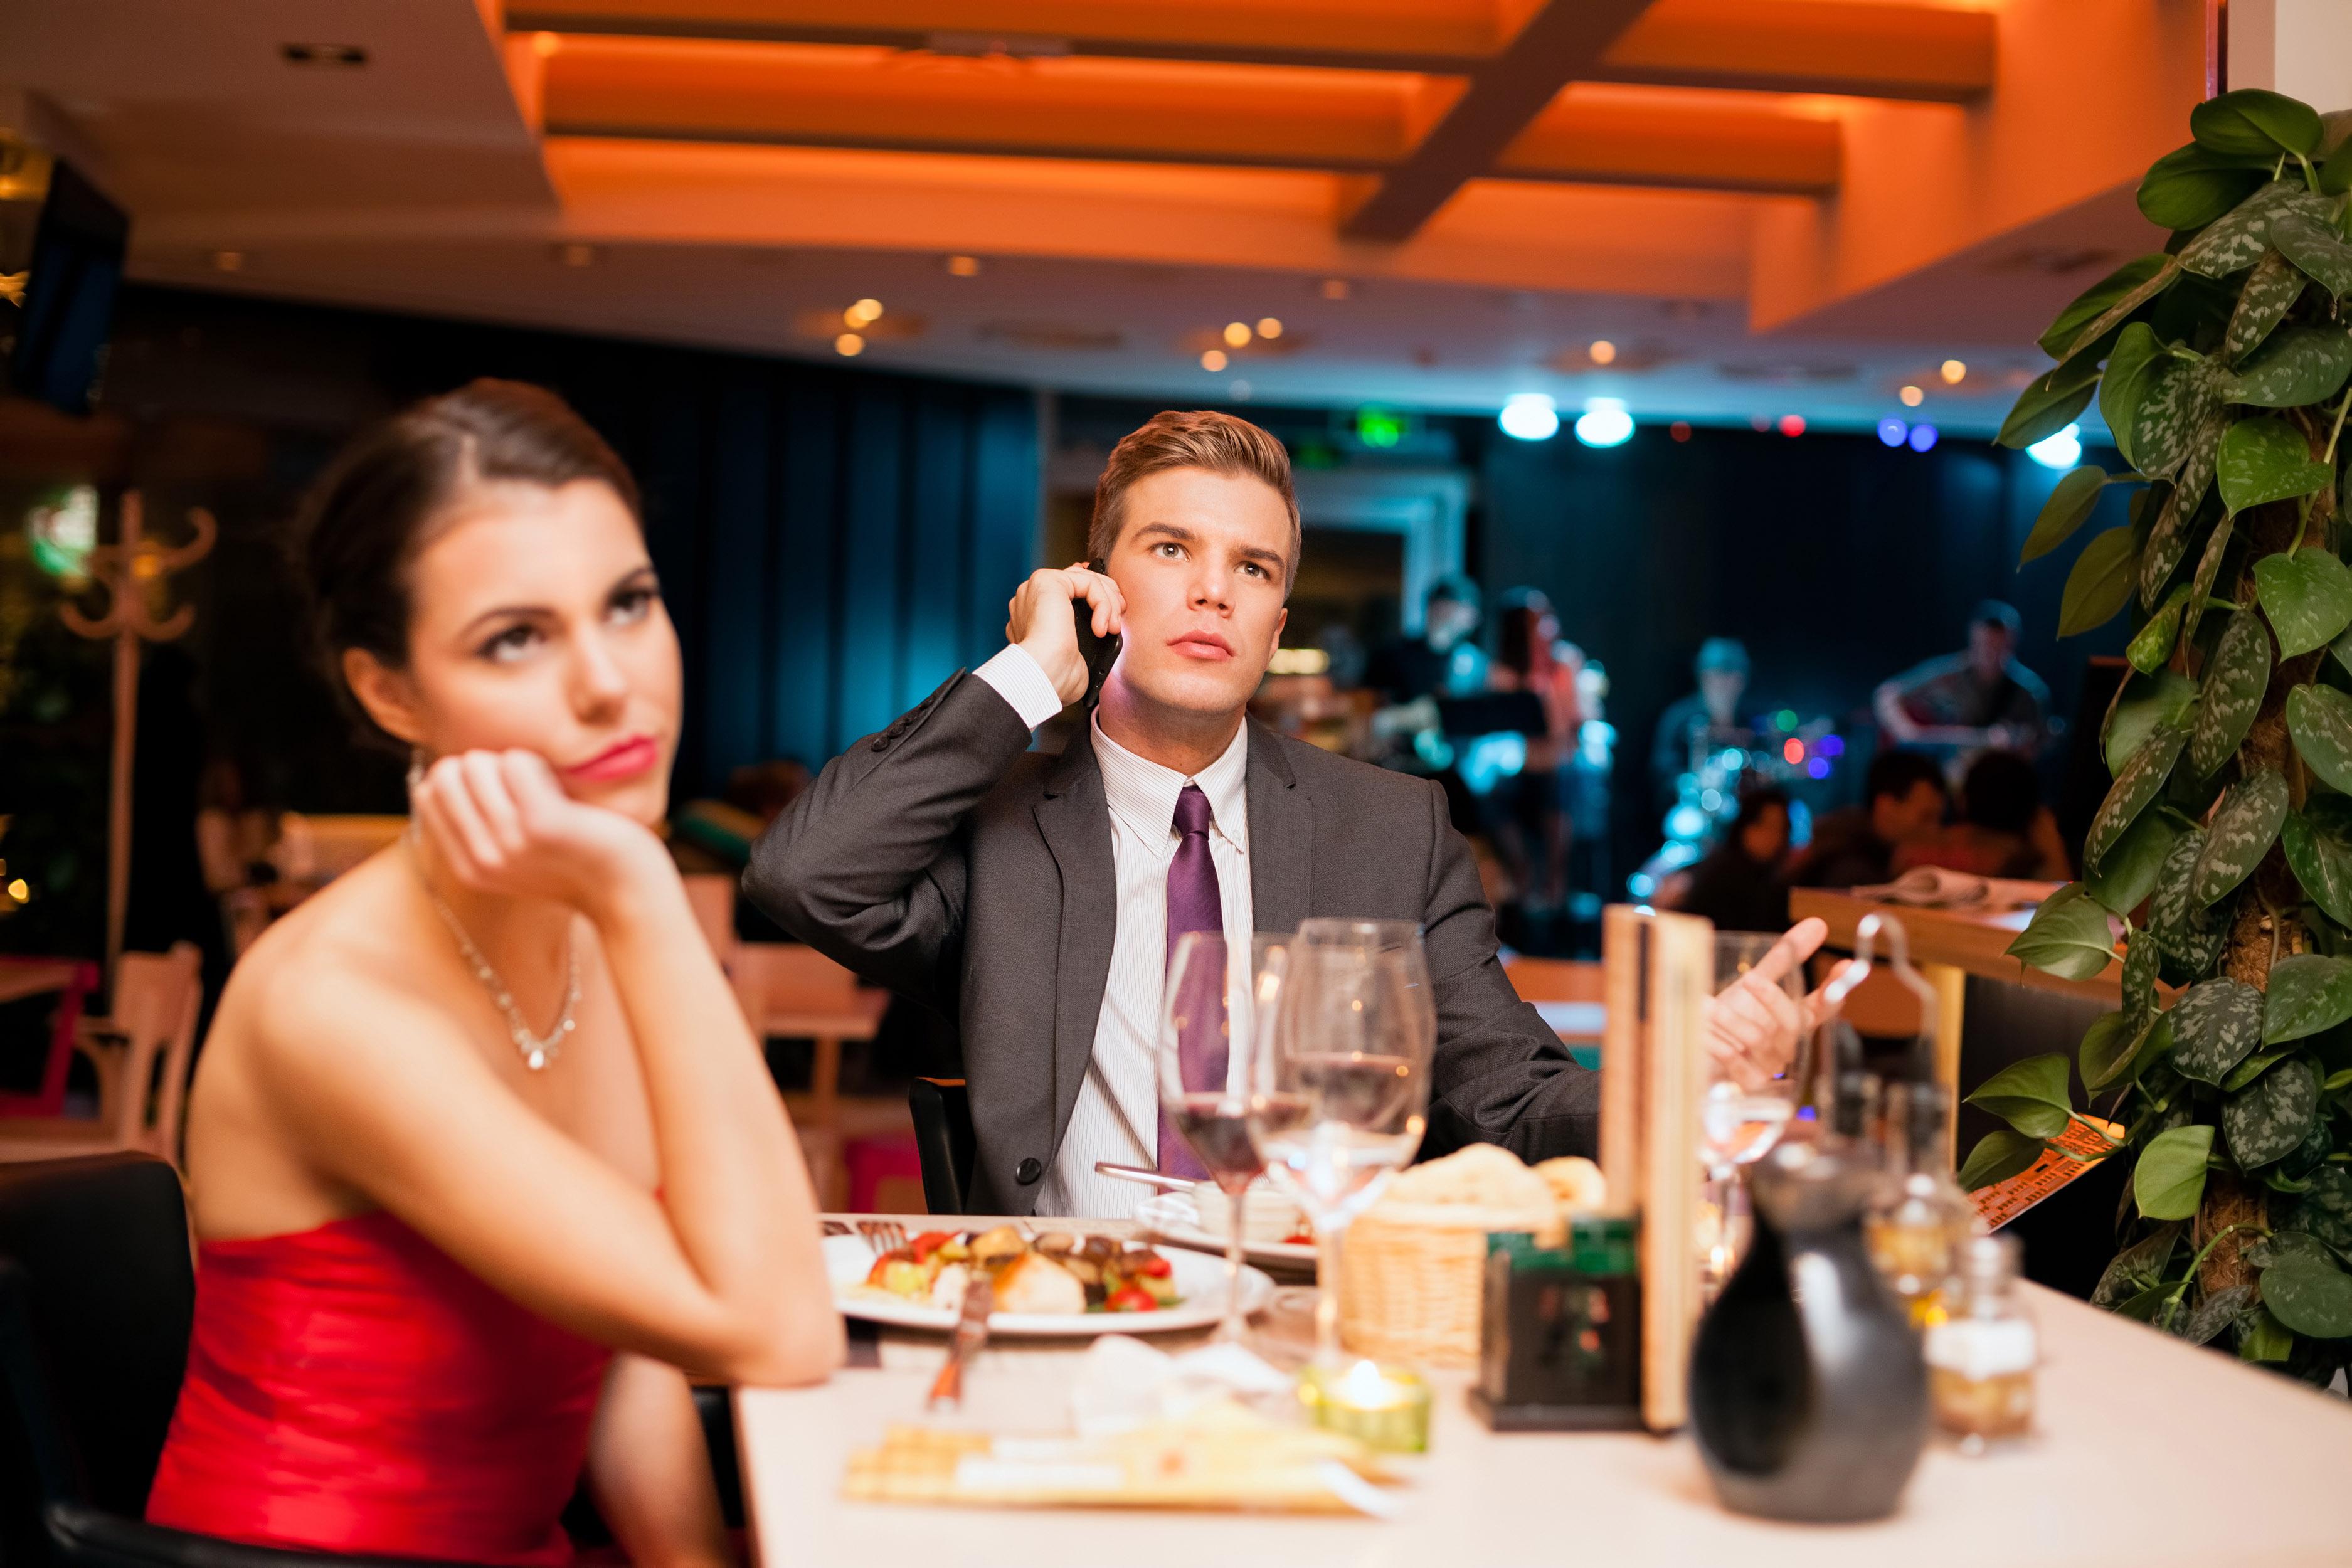 Intalnirea cu o singura femeie la intalnire)